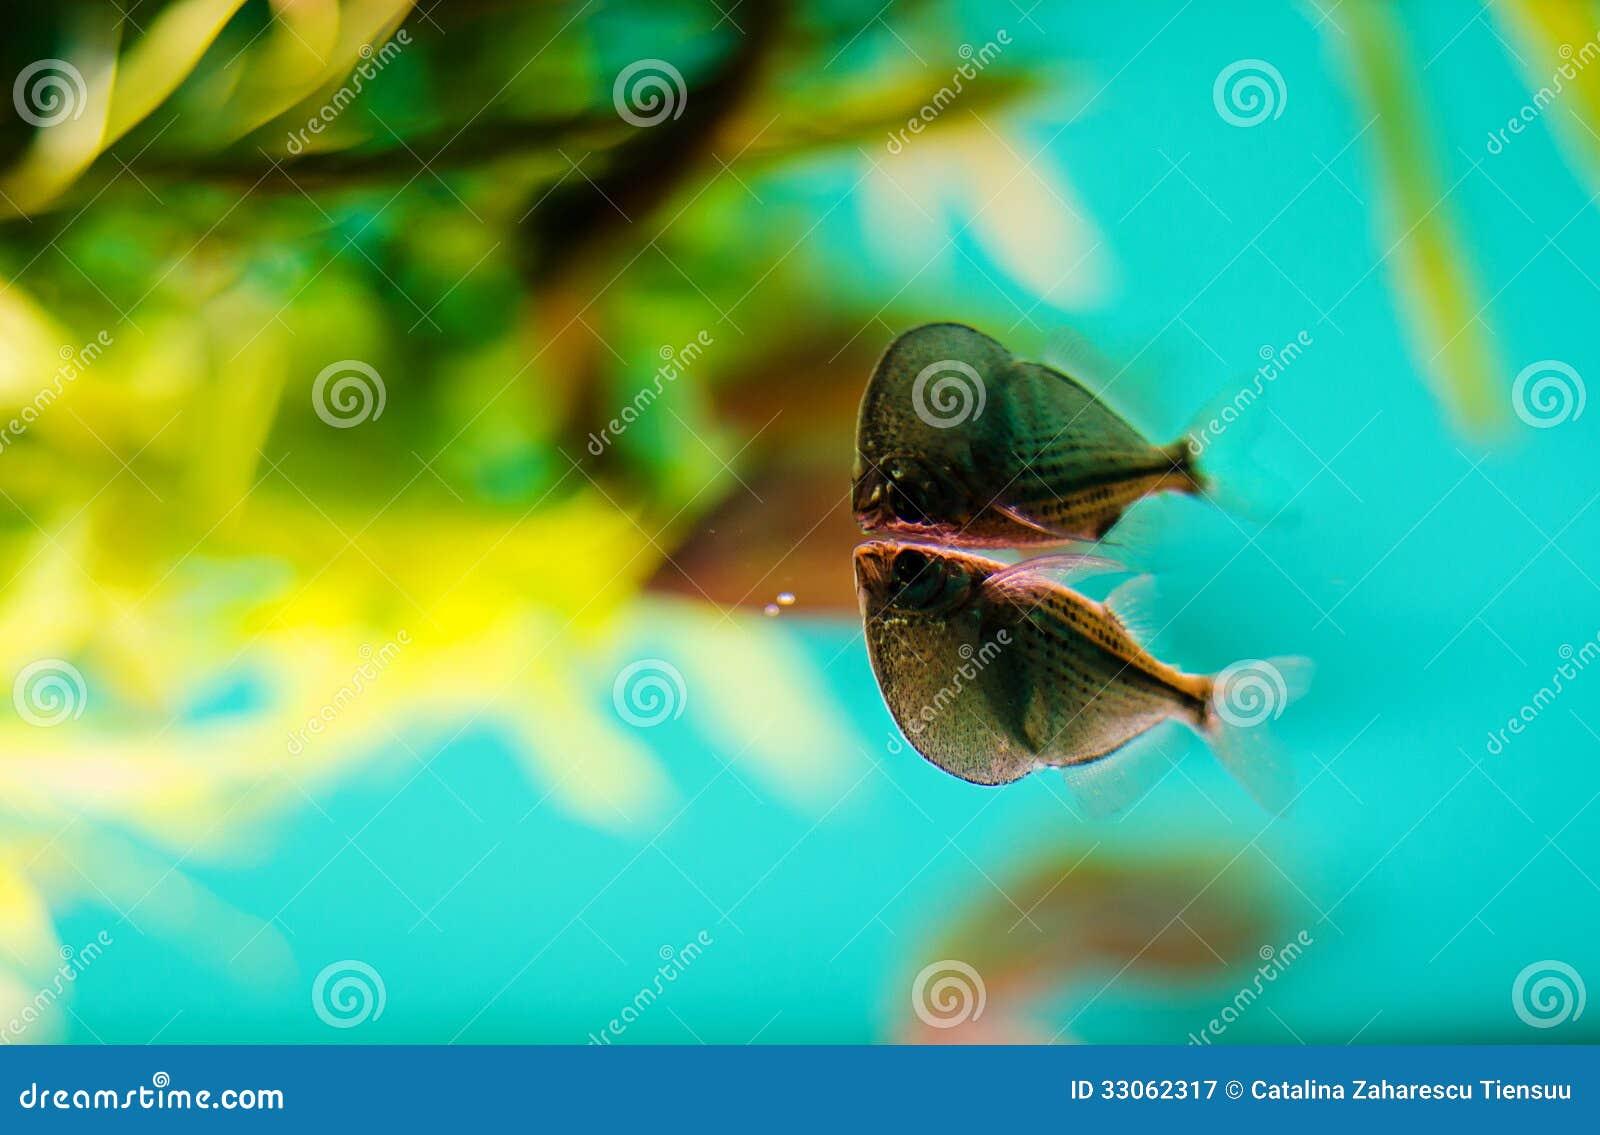 Hatchetfish Royalty Free Stock Photography - Image: 33062317